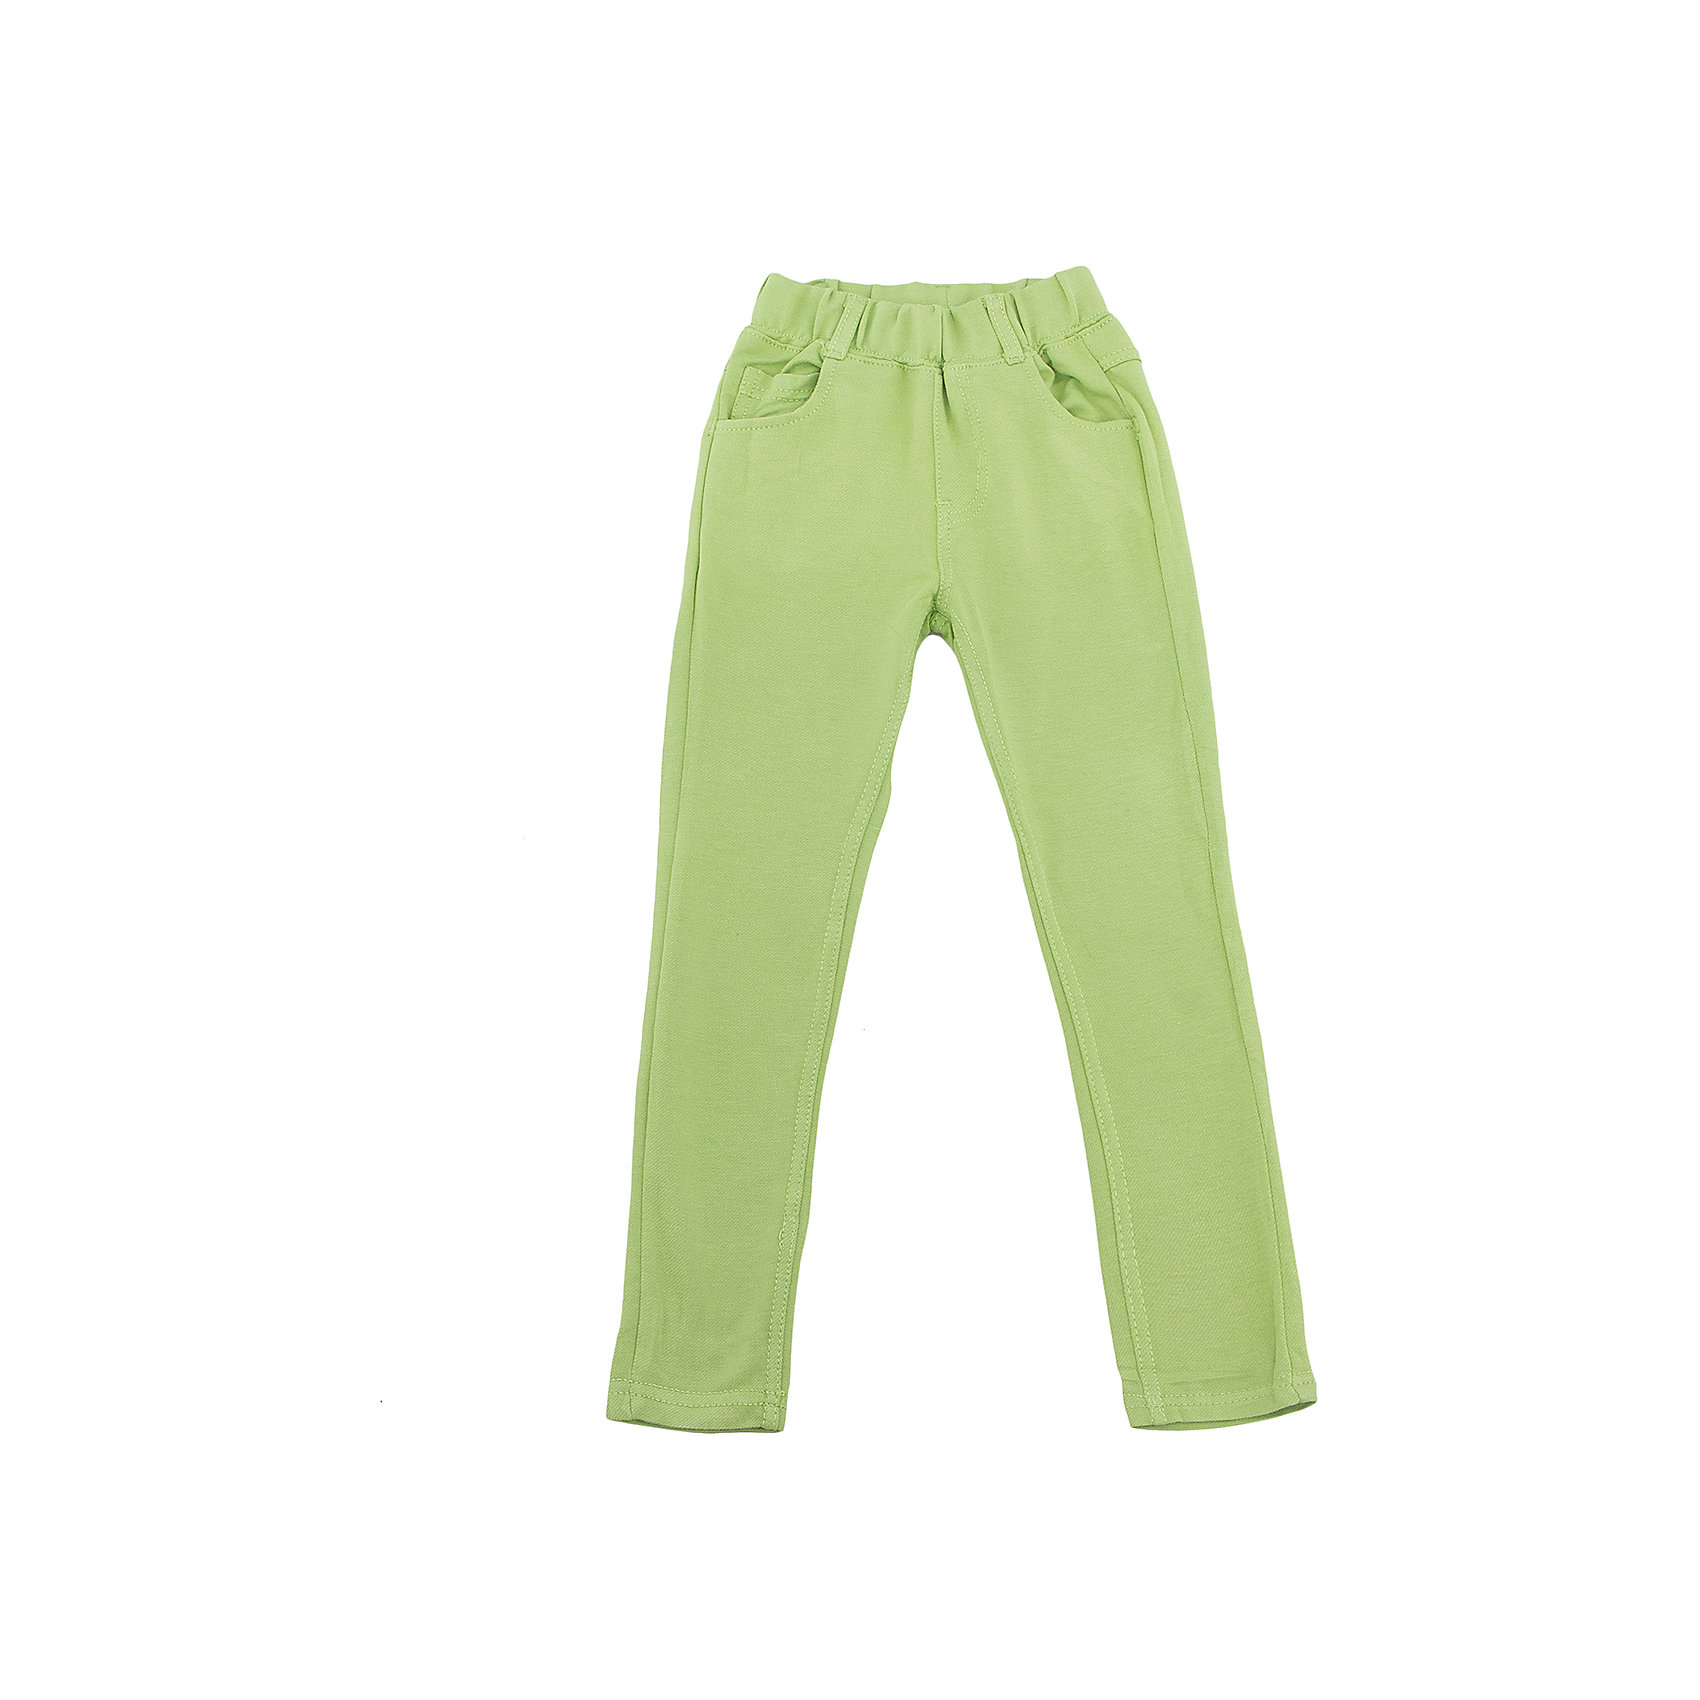 Леггинсы для девочки Sweet BerryЛеггинсы<br>Трикотажные брюки-джеггинсыдля девочки. Модель зауженного кроя. Два накладных кармана сзади.<br>Состав:<br>95%хлопок 5%эластан<br><br>Ширина мм: 123<br>Глубина мм: 10<br>Высота мм: 149<br>Вес г: 209<br>Цвет: зеленый<br>Возраст от месяцев: 36<br>Возраст до месяцев: 48<br>Пол: Женский<br>Возраст: Детский<br>Размер: 104,98,110,116,122,128<br>SKU: 5410080